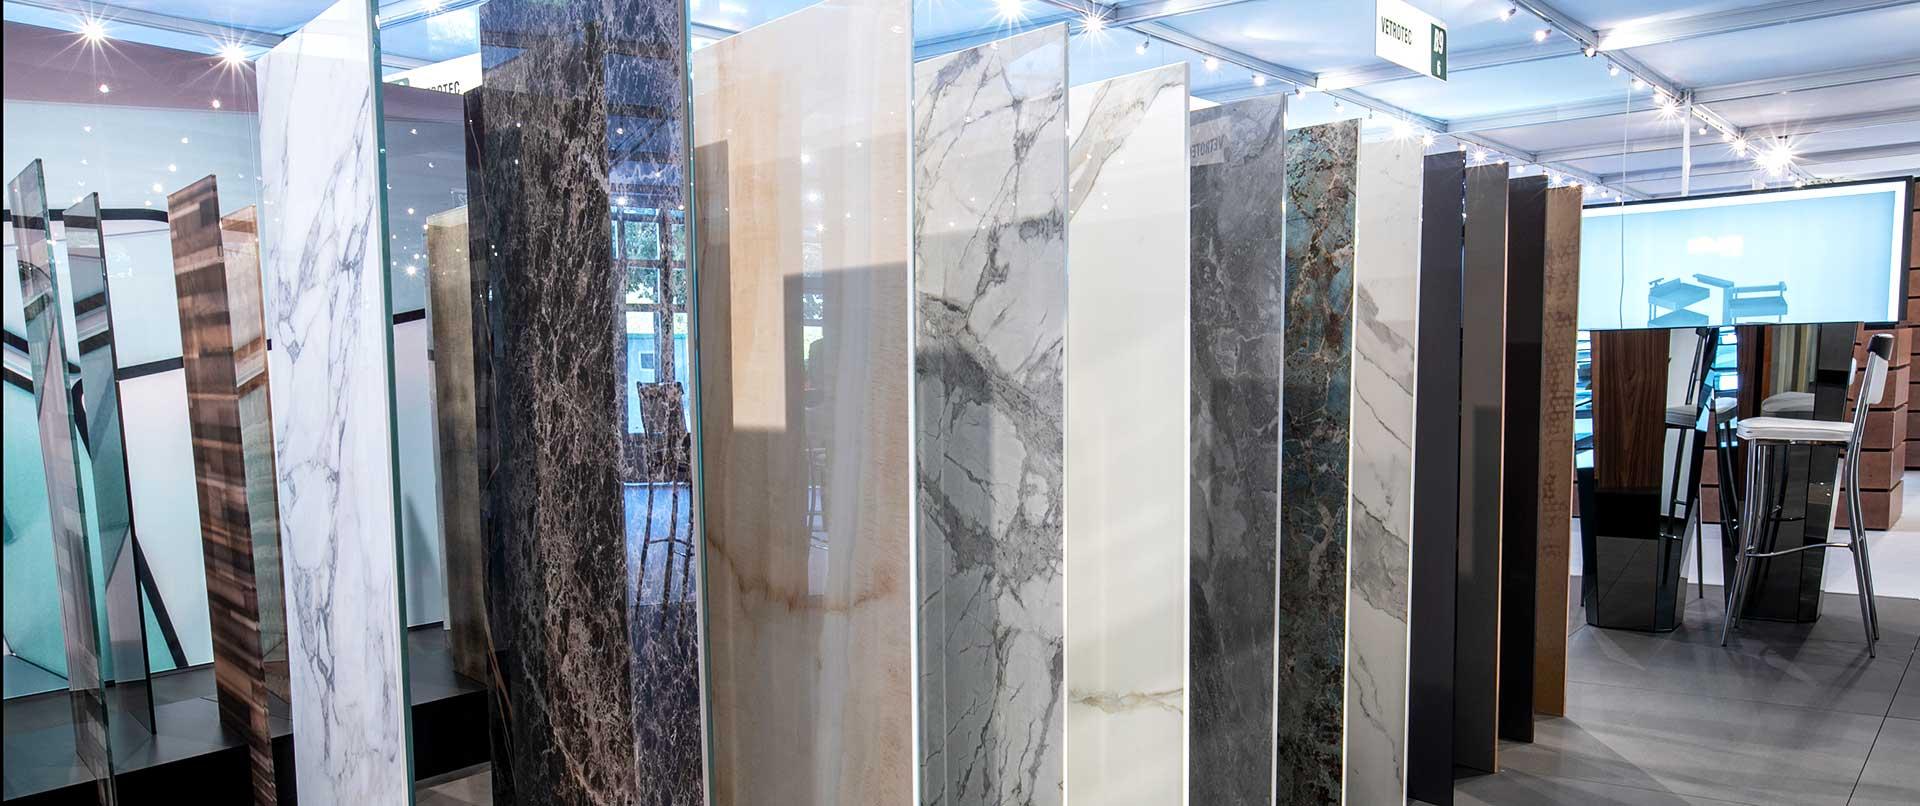 Vetrotec lavorazione vetro, decorazioni vetro, serigrafia vetro